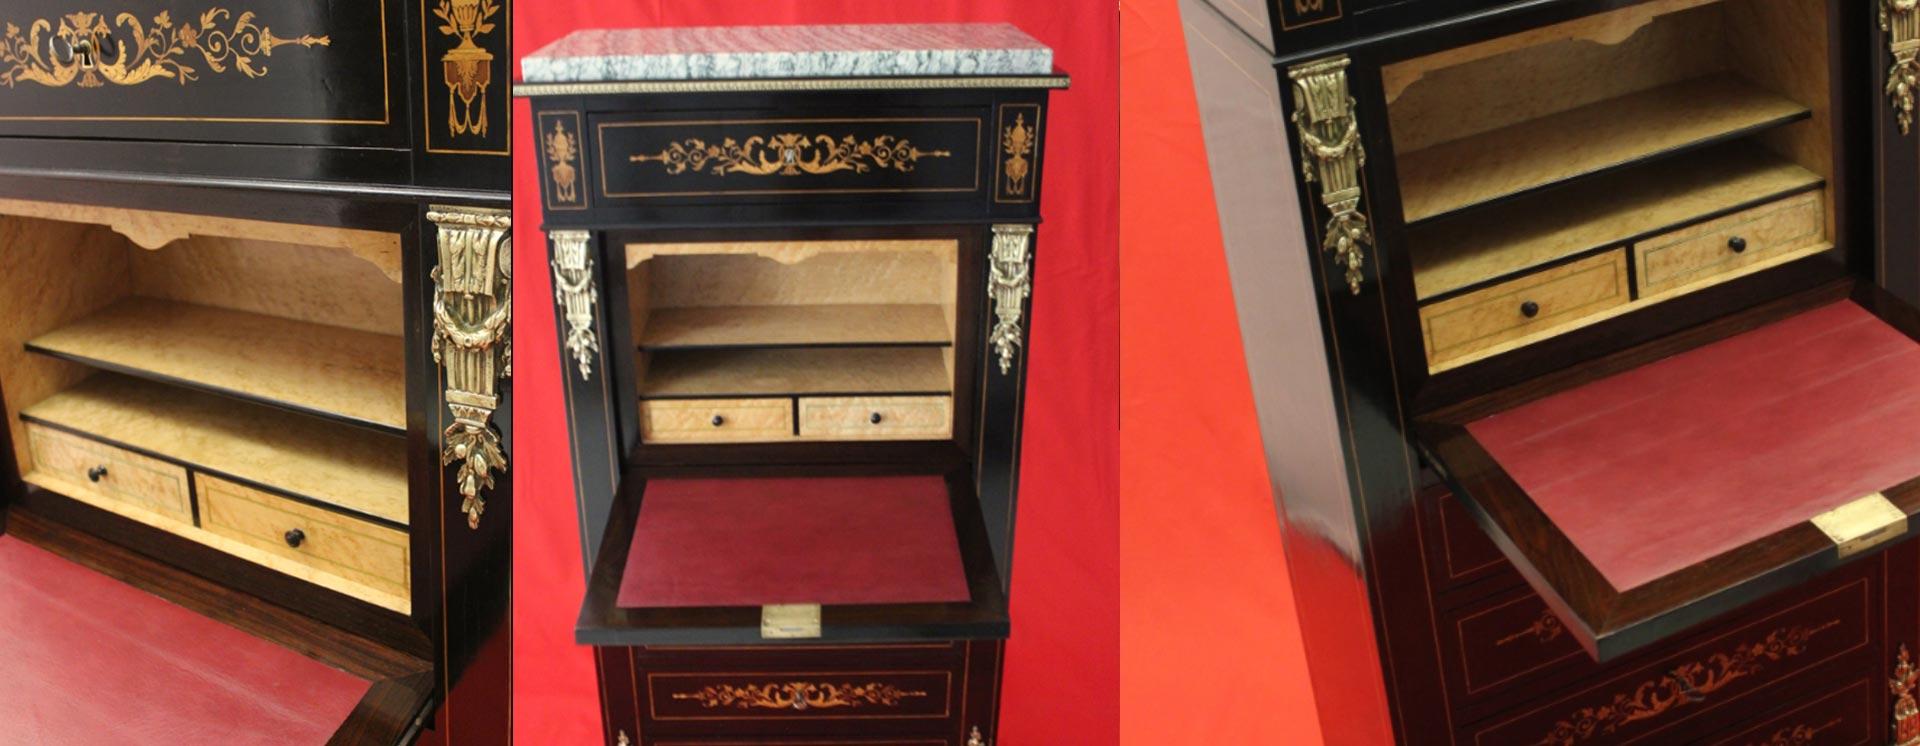 meuble ancien et mobilier national